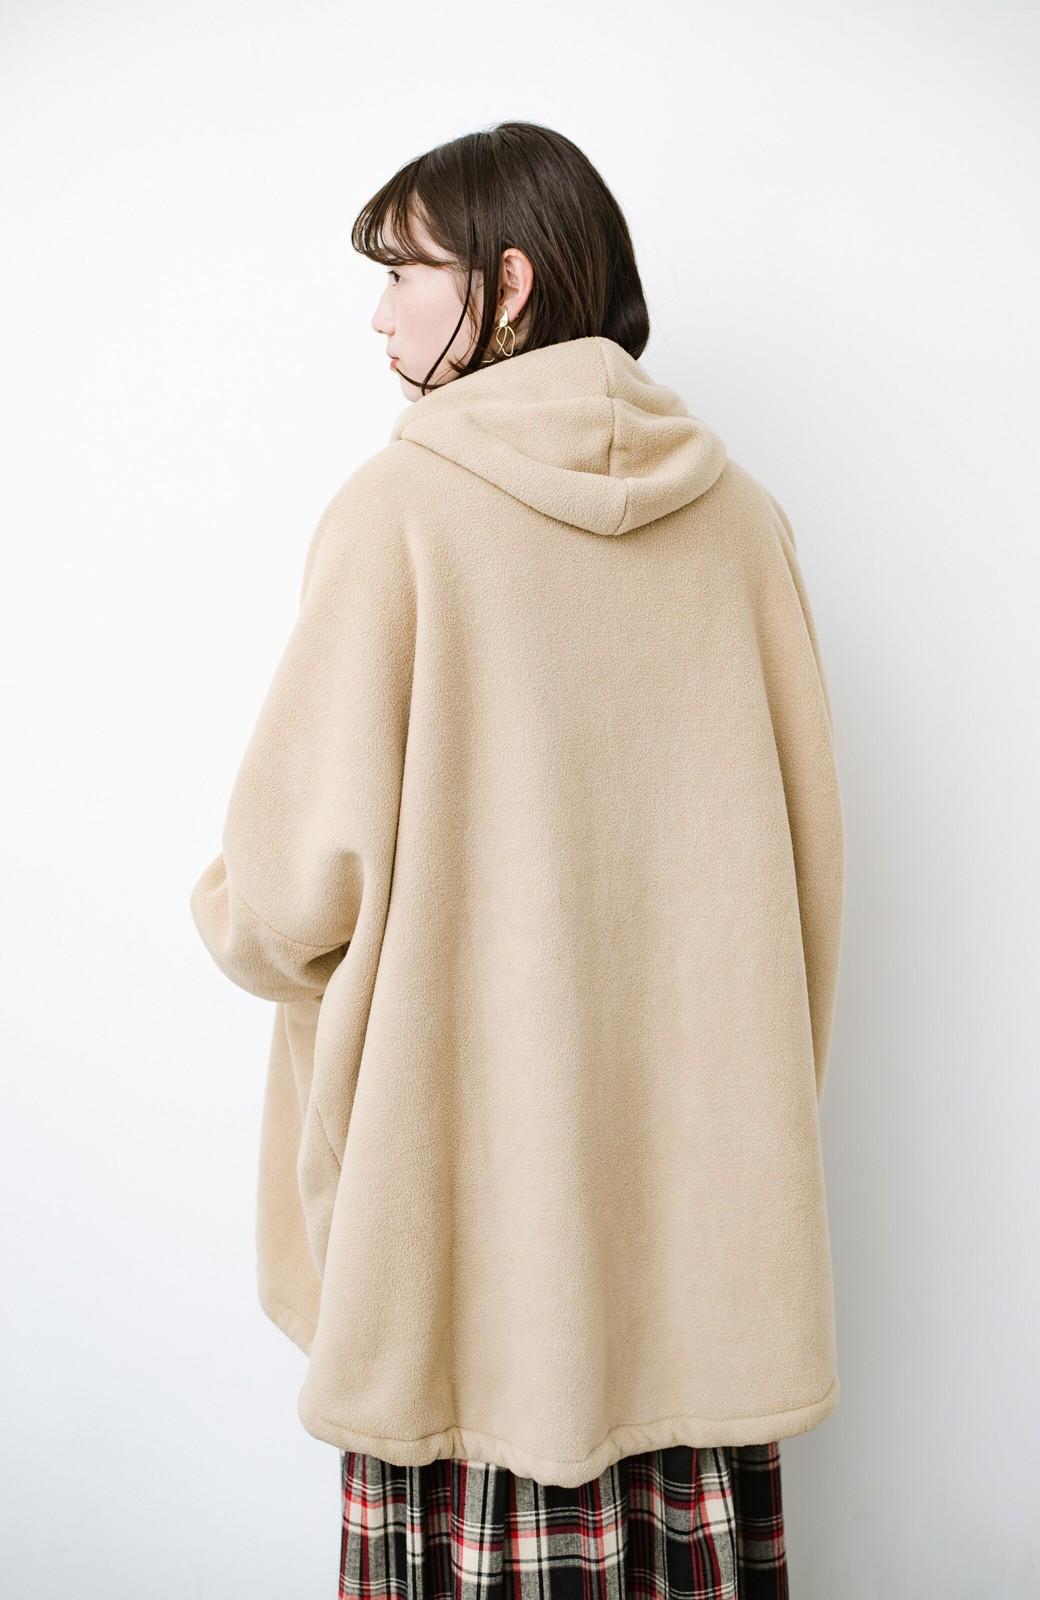 haco! さっと羽織って今っぽい ゆるっとサイズがかわいい裏起毛のあったかジャケットby Z of zampa Organic <ライトベージュ>の商品写真6